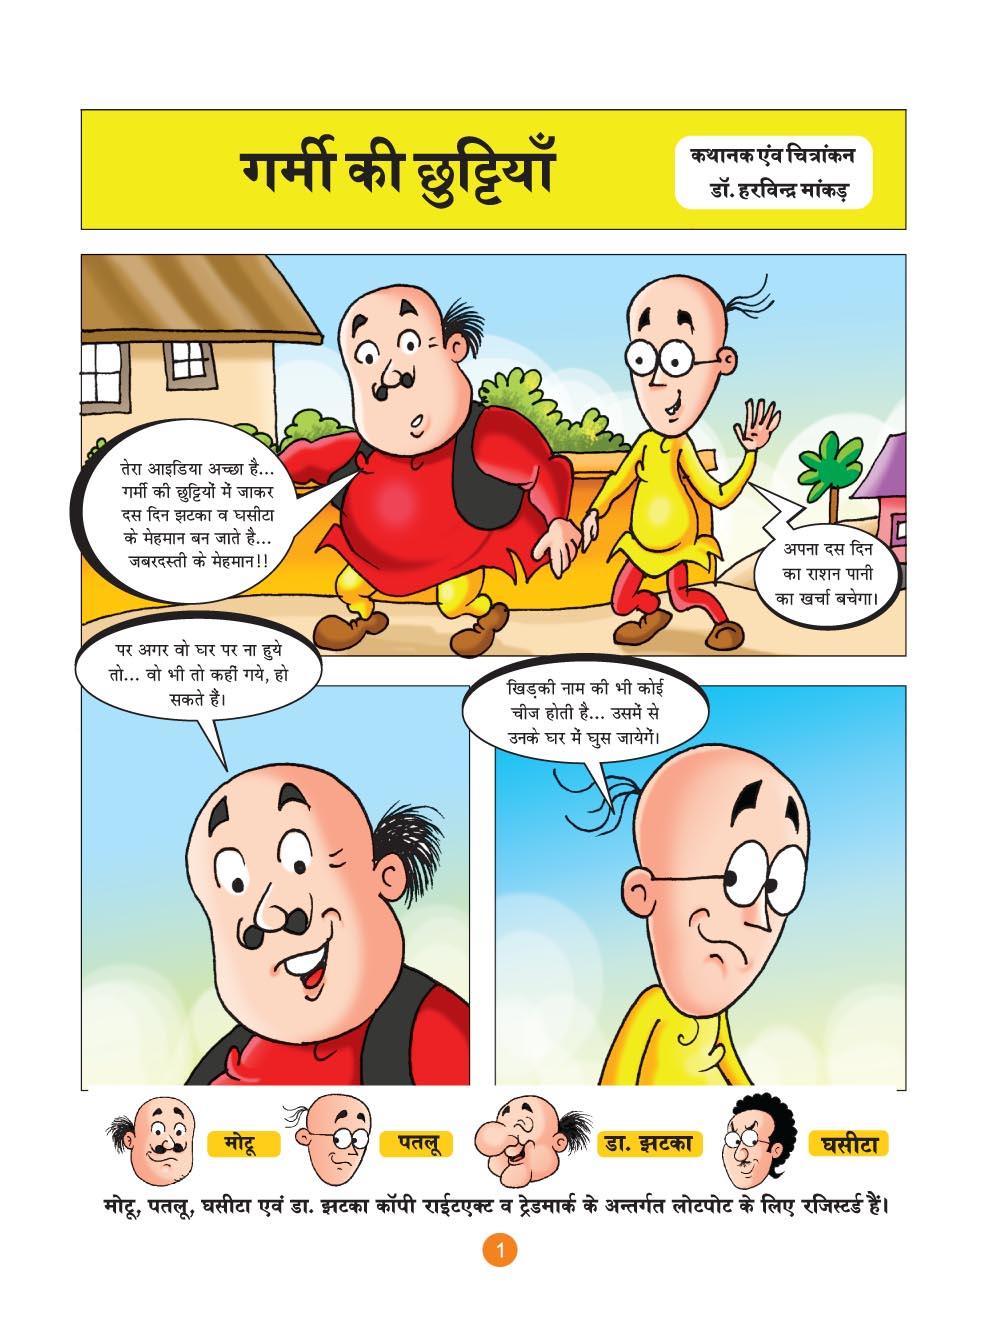 मोटू पतलू की कॉमिक्स- (Motu Patlu Ki Comics) गर्मियों की छुट्टियाँ :